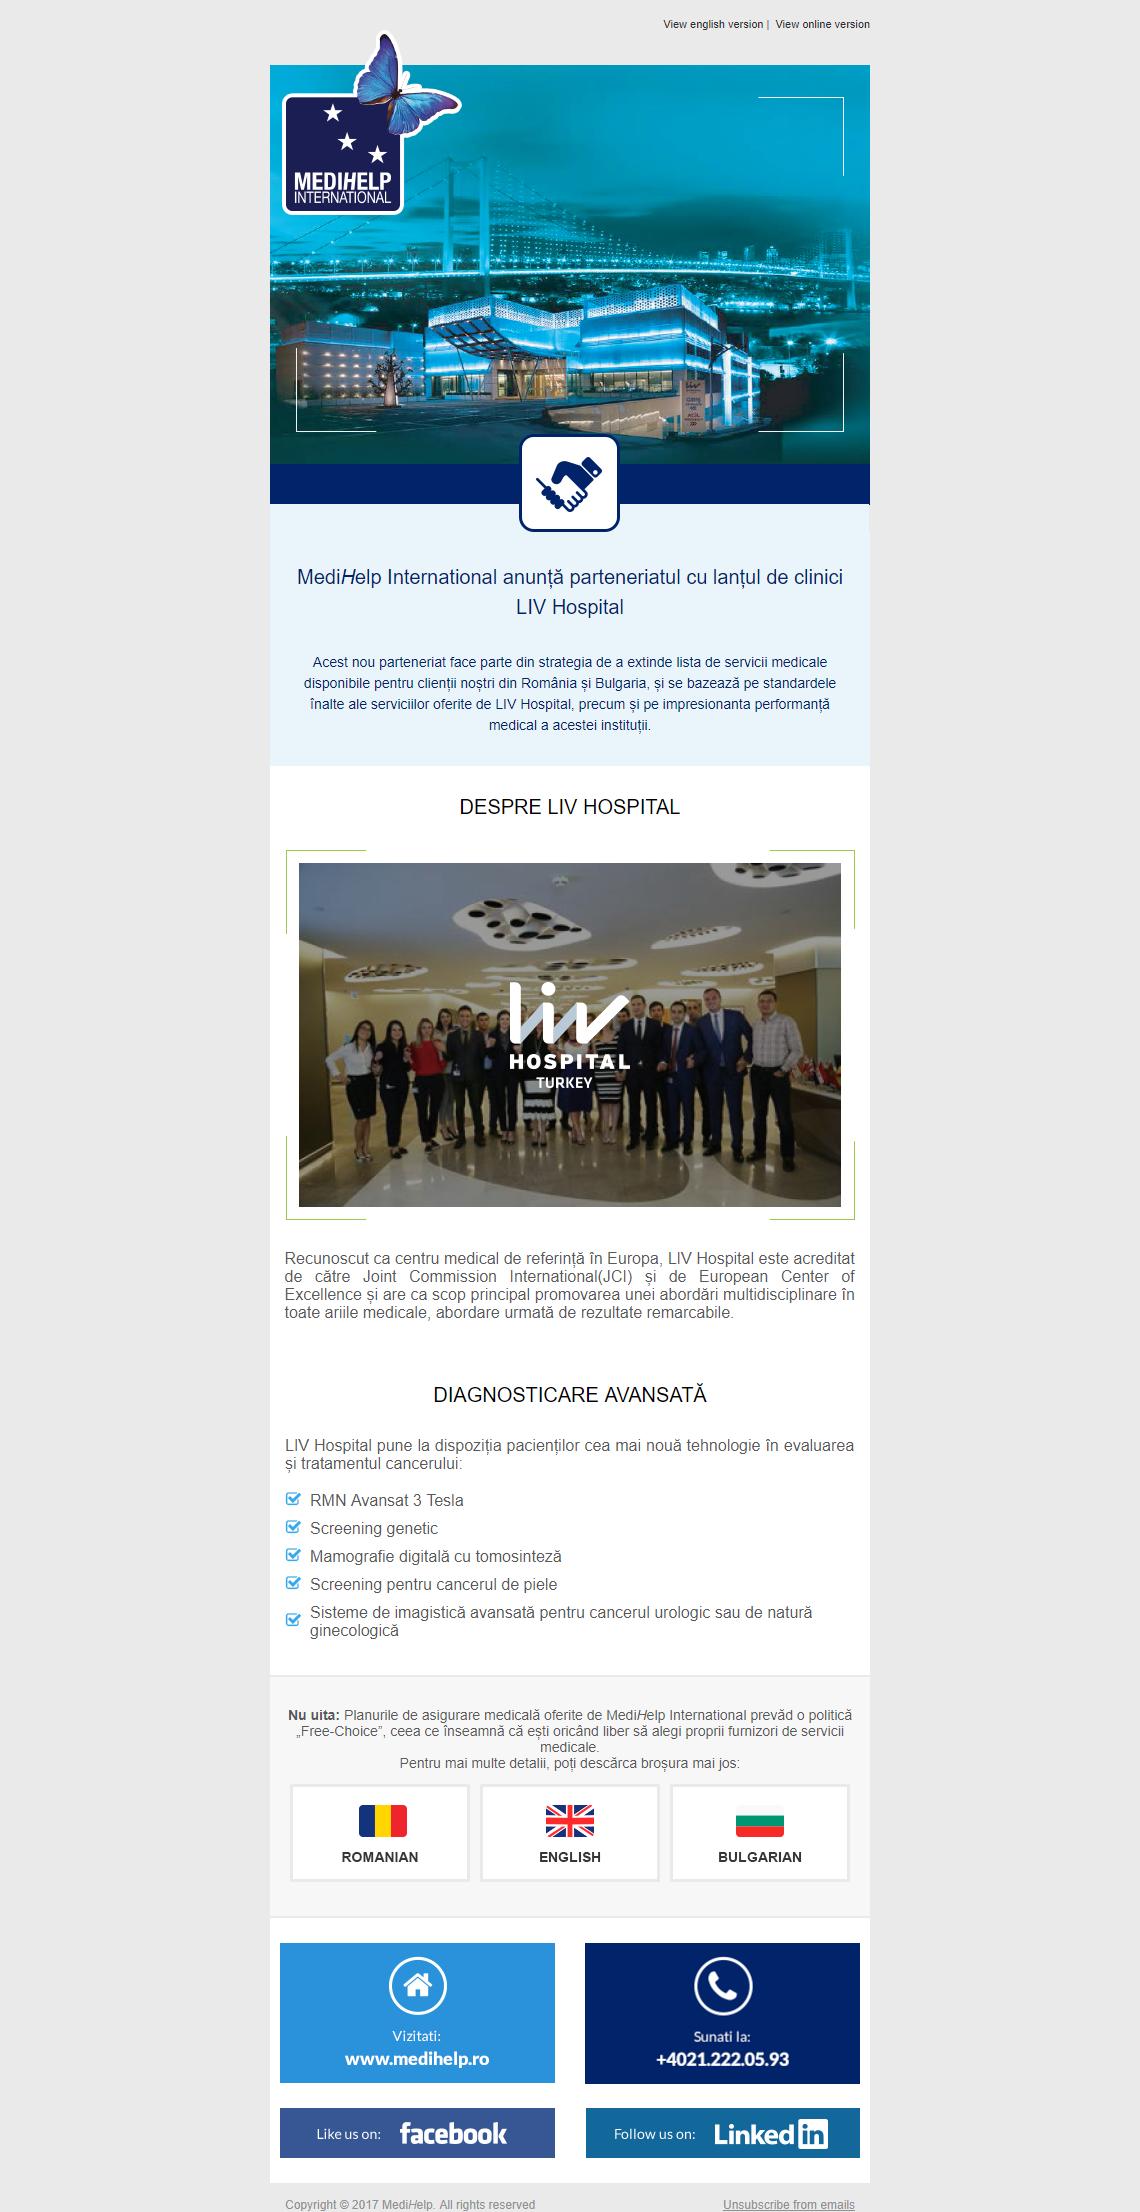 MediHelp International anunță parteneriatul cu lanțul de clinici LIV Hospital